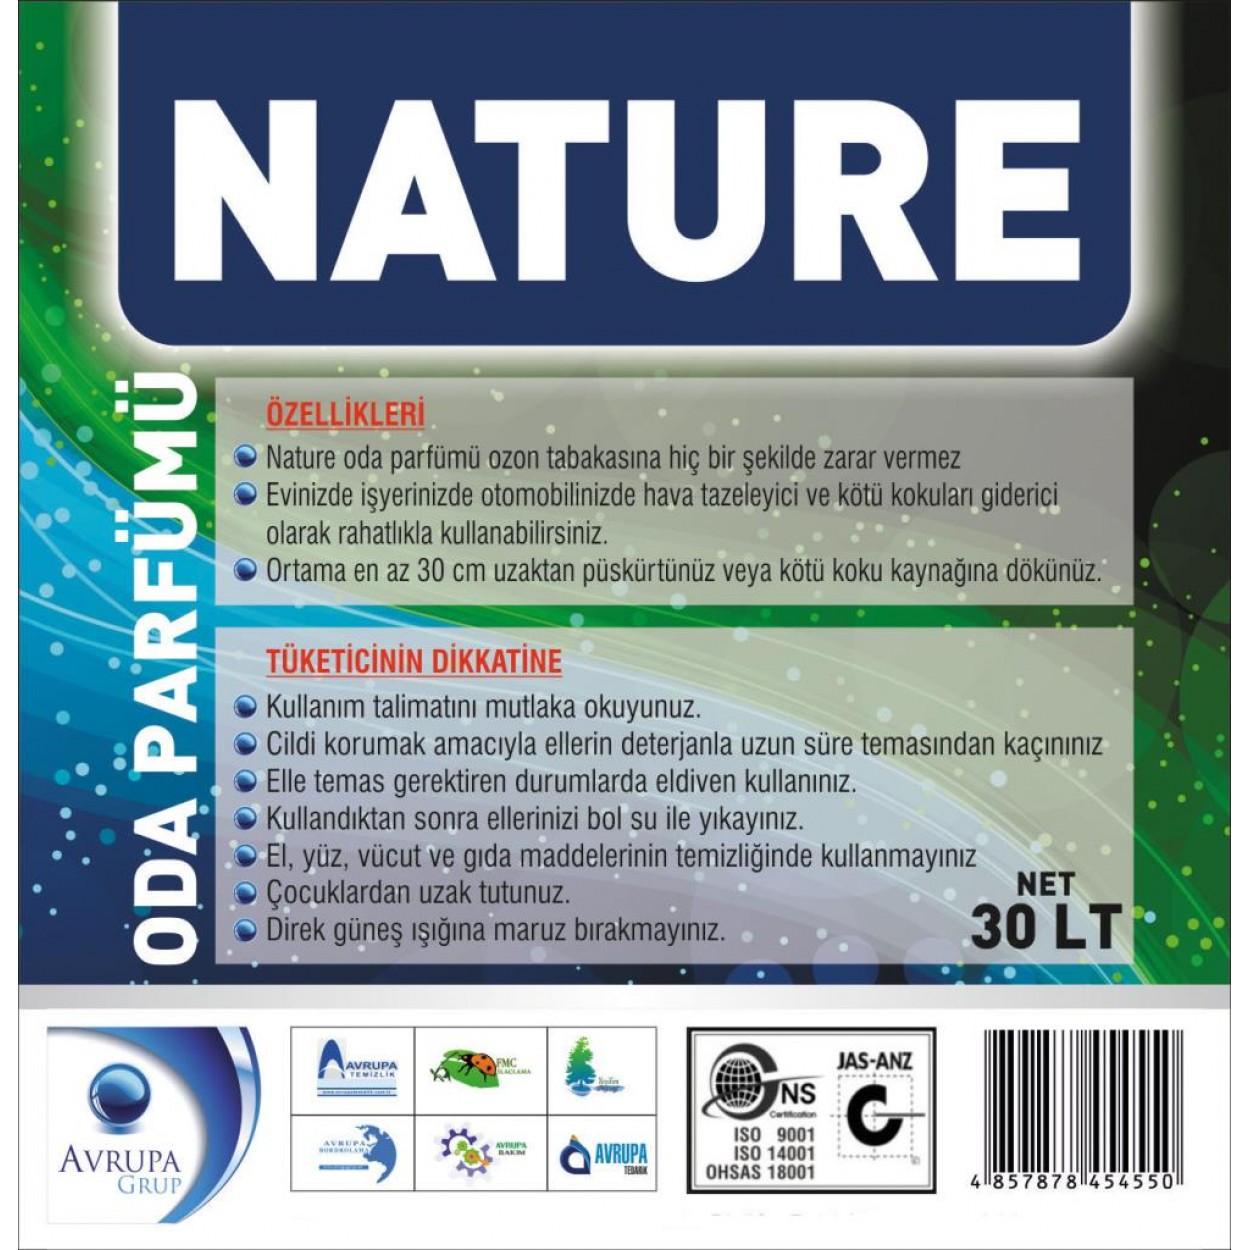 NATURE Kötü Kokuları Gideren Hava Şartlandırıcı 30 Litre